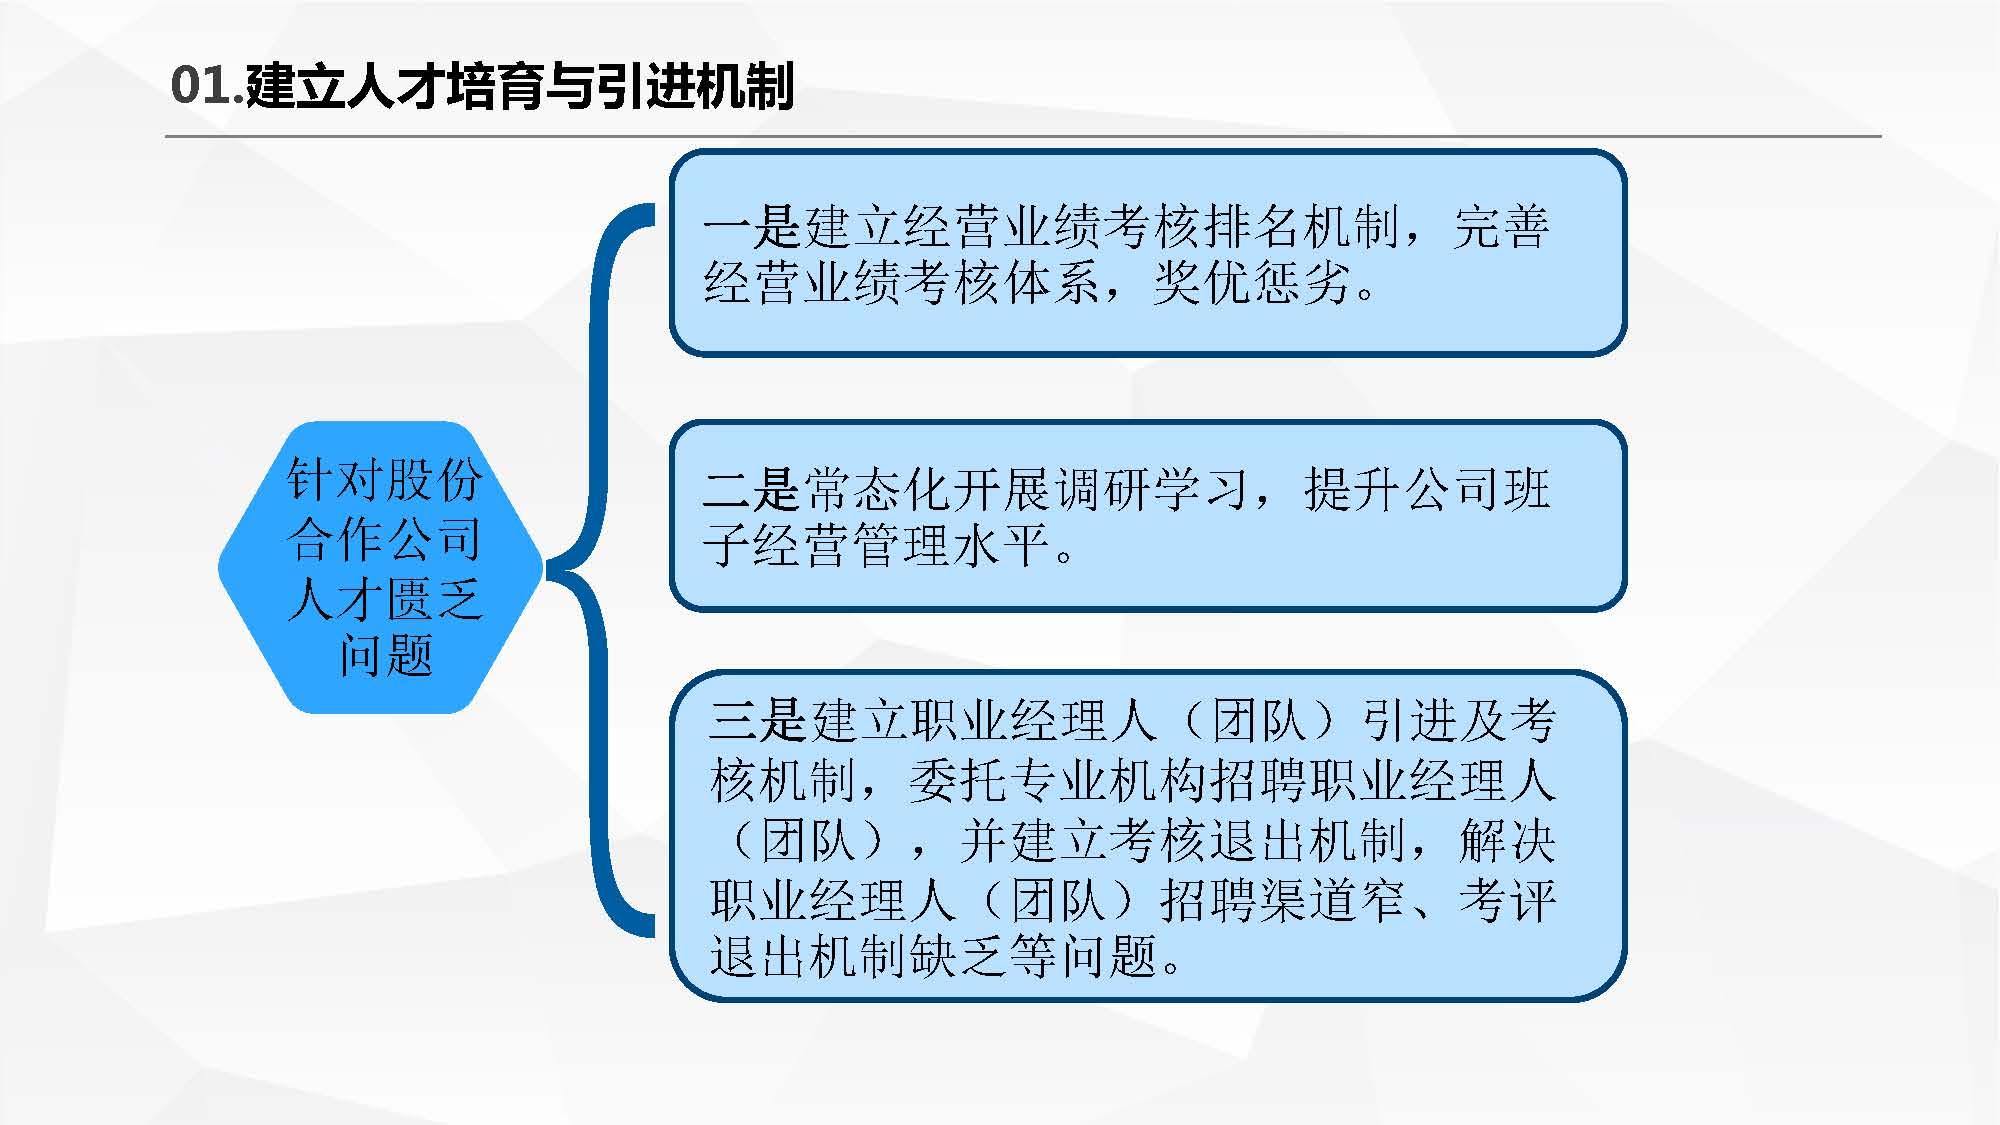 20200611若干措施政策解读ppt_页面_4.jpg